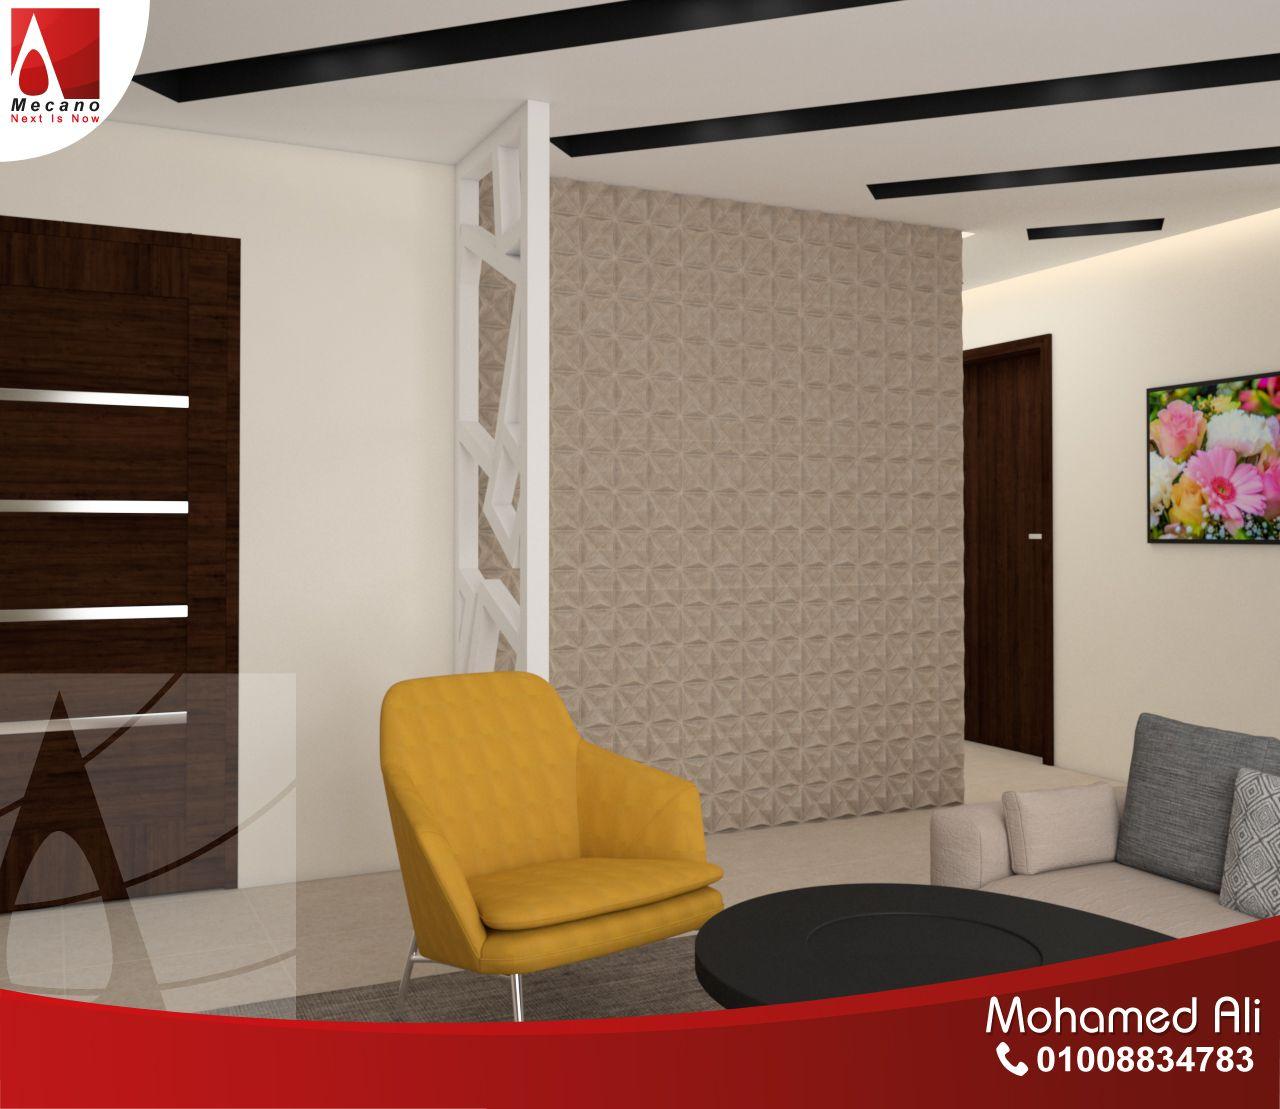 خلفية للحائط بلاط ثرى دى فى الريسبشن مع بارتيشن فاصل Home Decor Decor Furniture